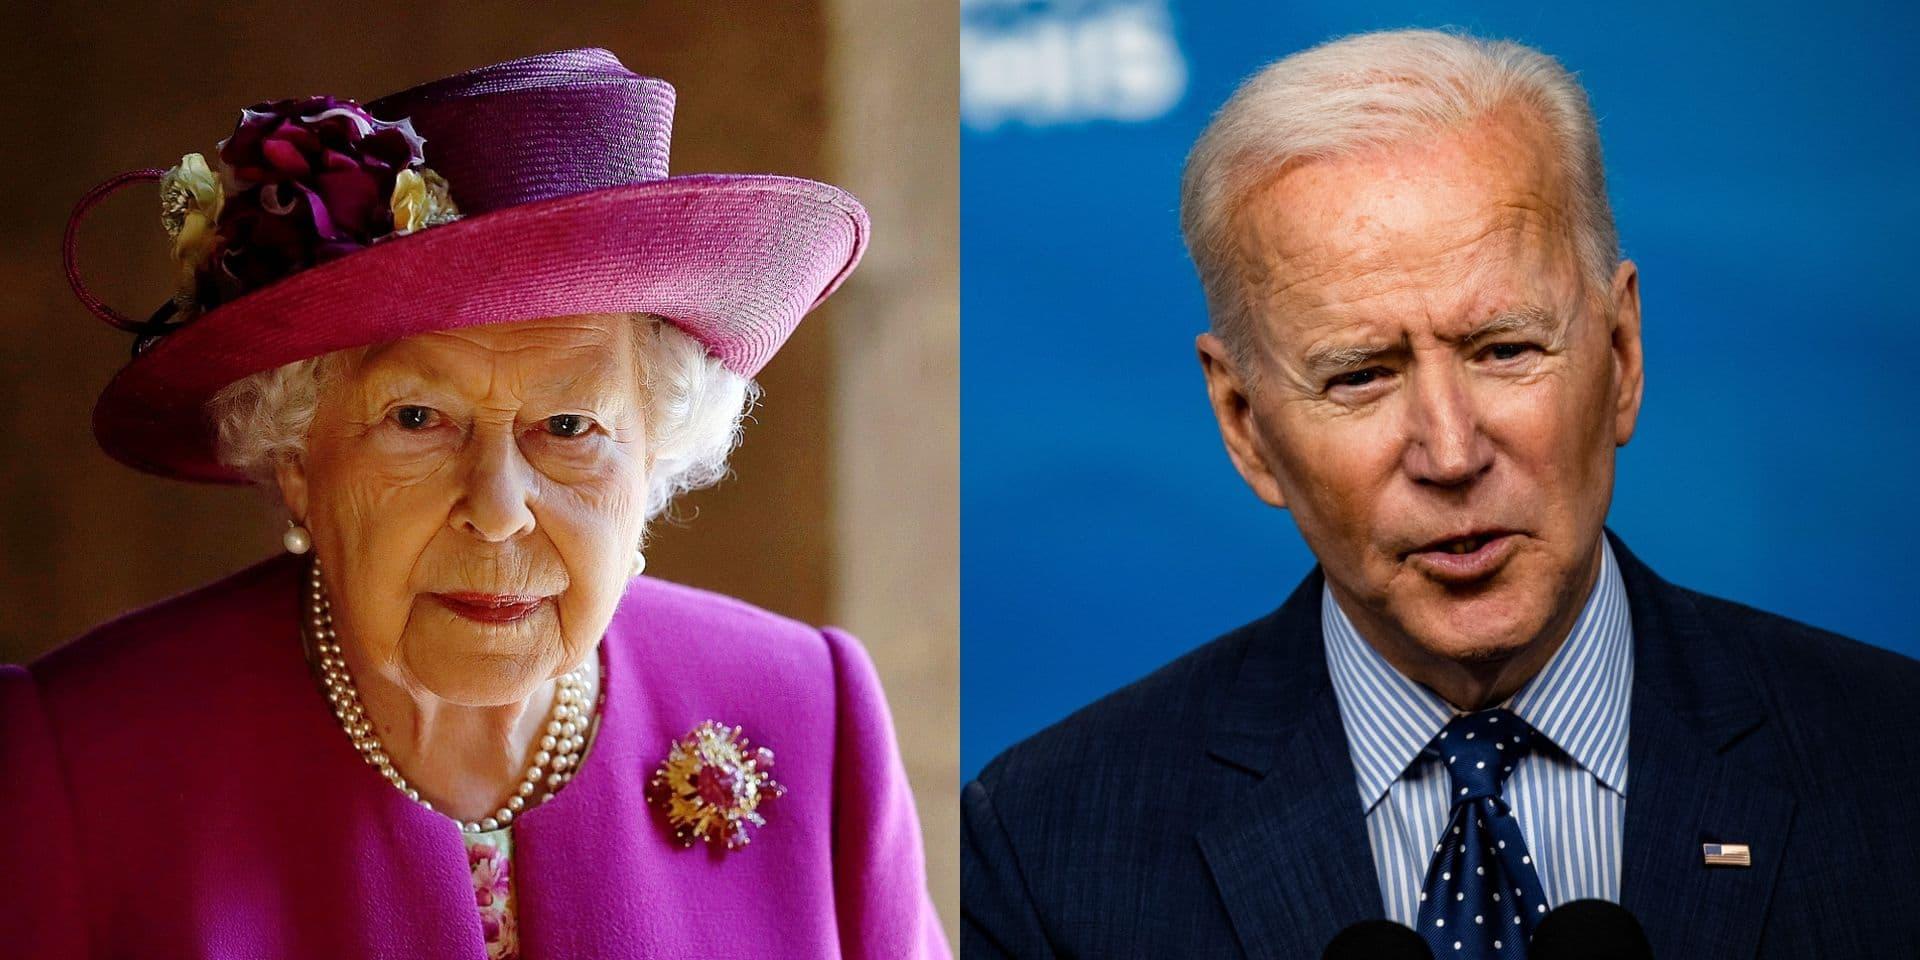 La reine Elizabeth II recevra Joe Biden en personne le 13 juin